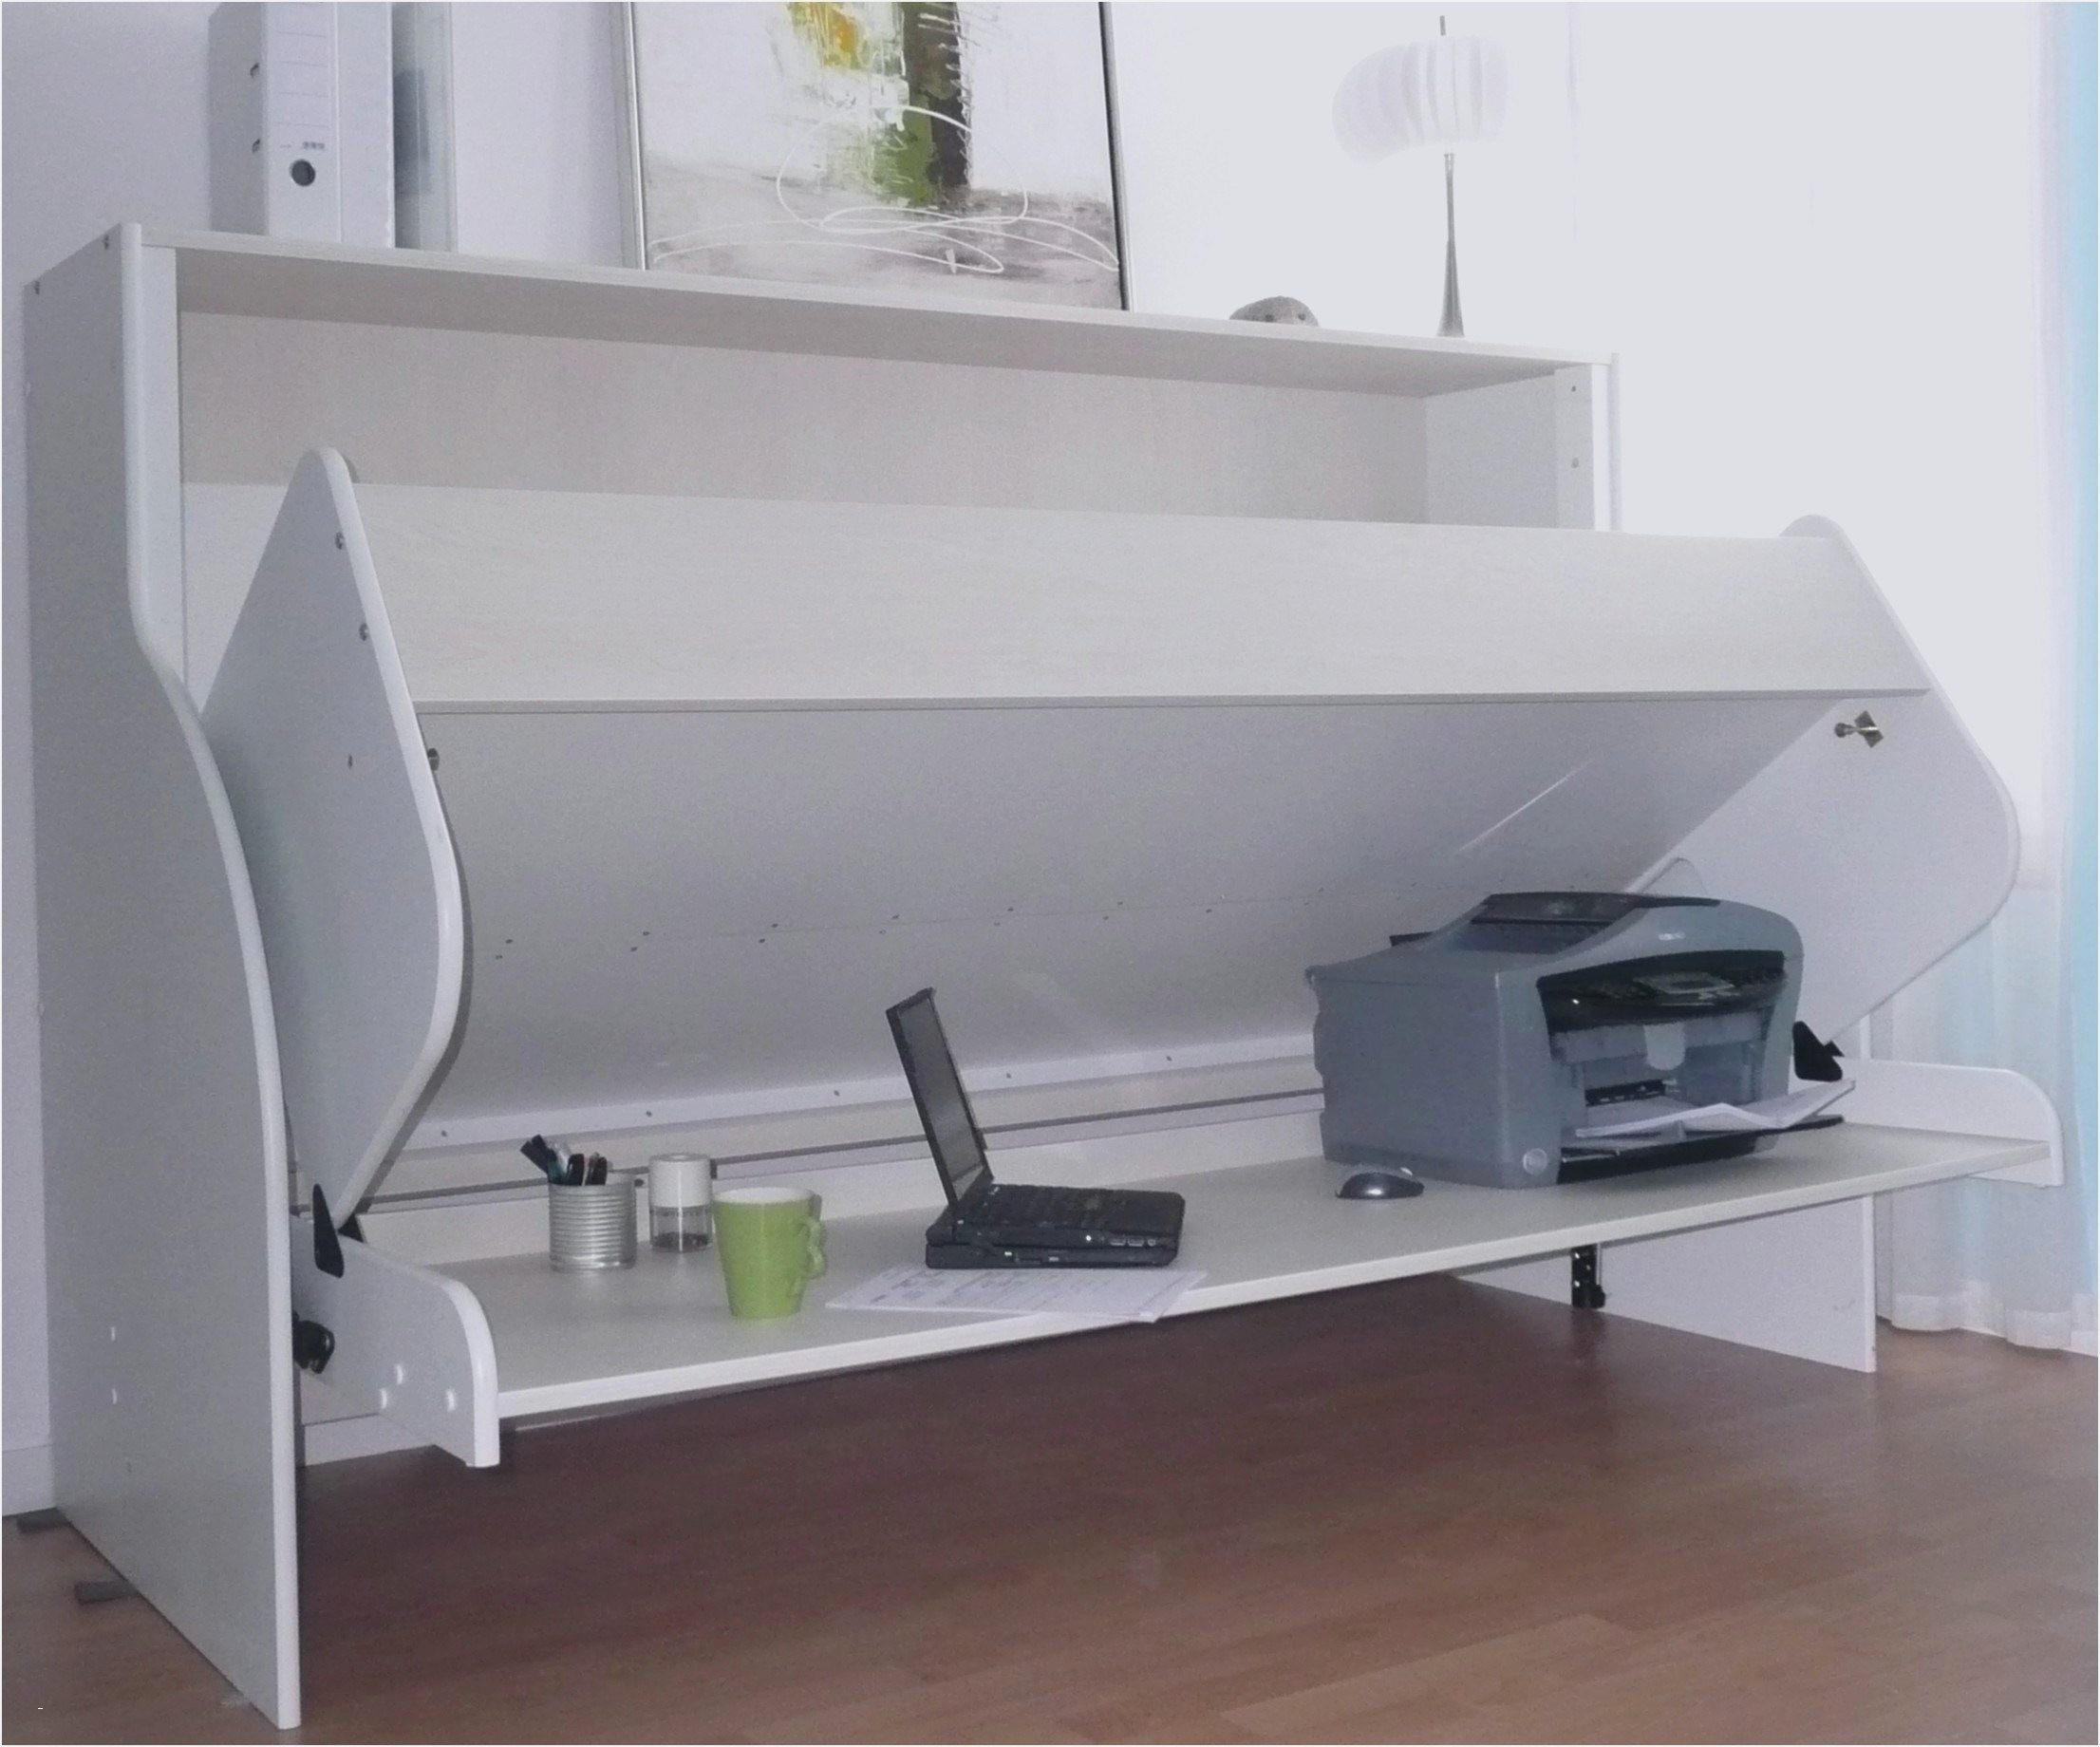 Fabriquer Un Lit Mezzanine Agréable Fabriquer Un Lit Escamotable Fabriquer Un Lit Escamotable De Luxe